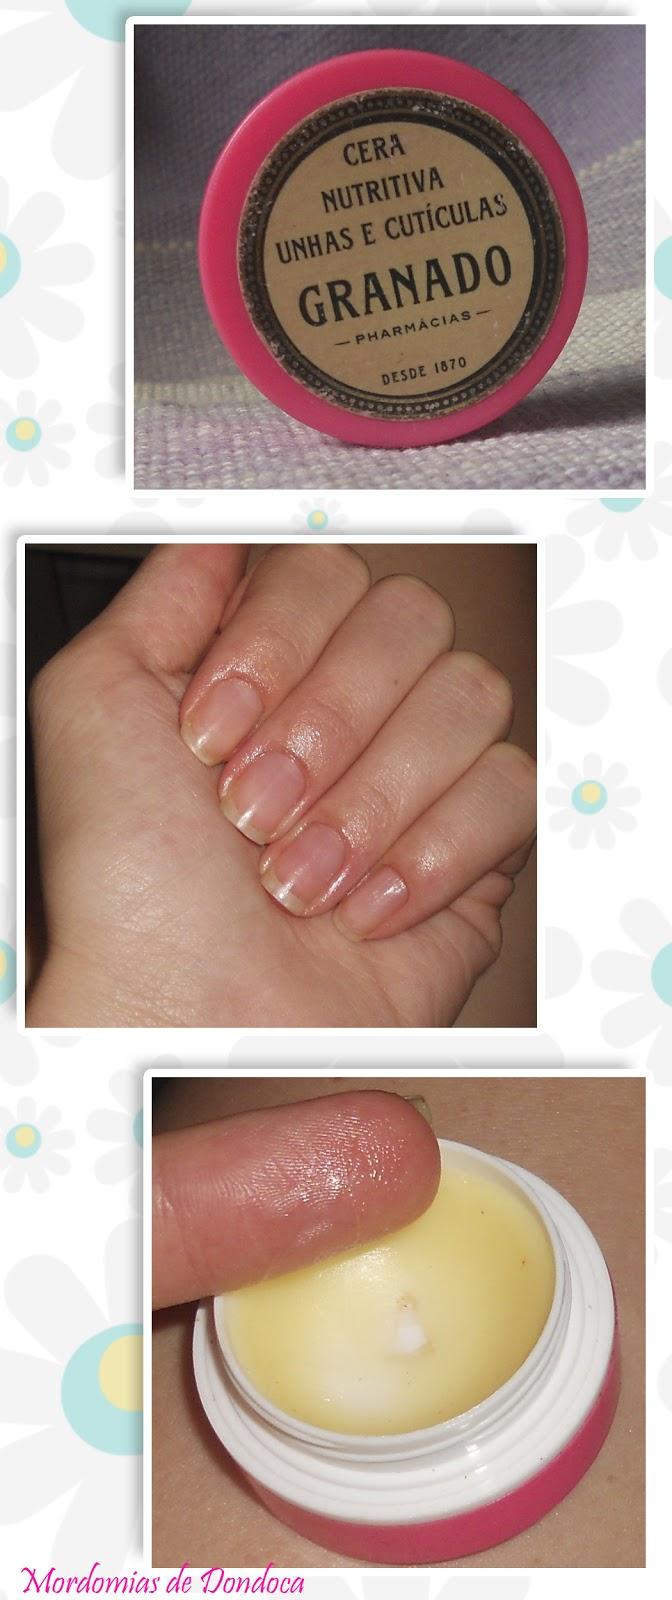 textura e efeito nas unhas